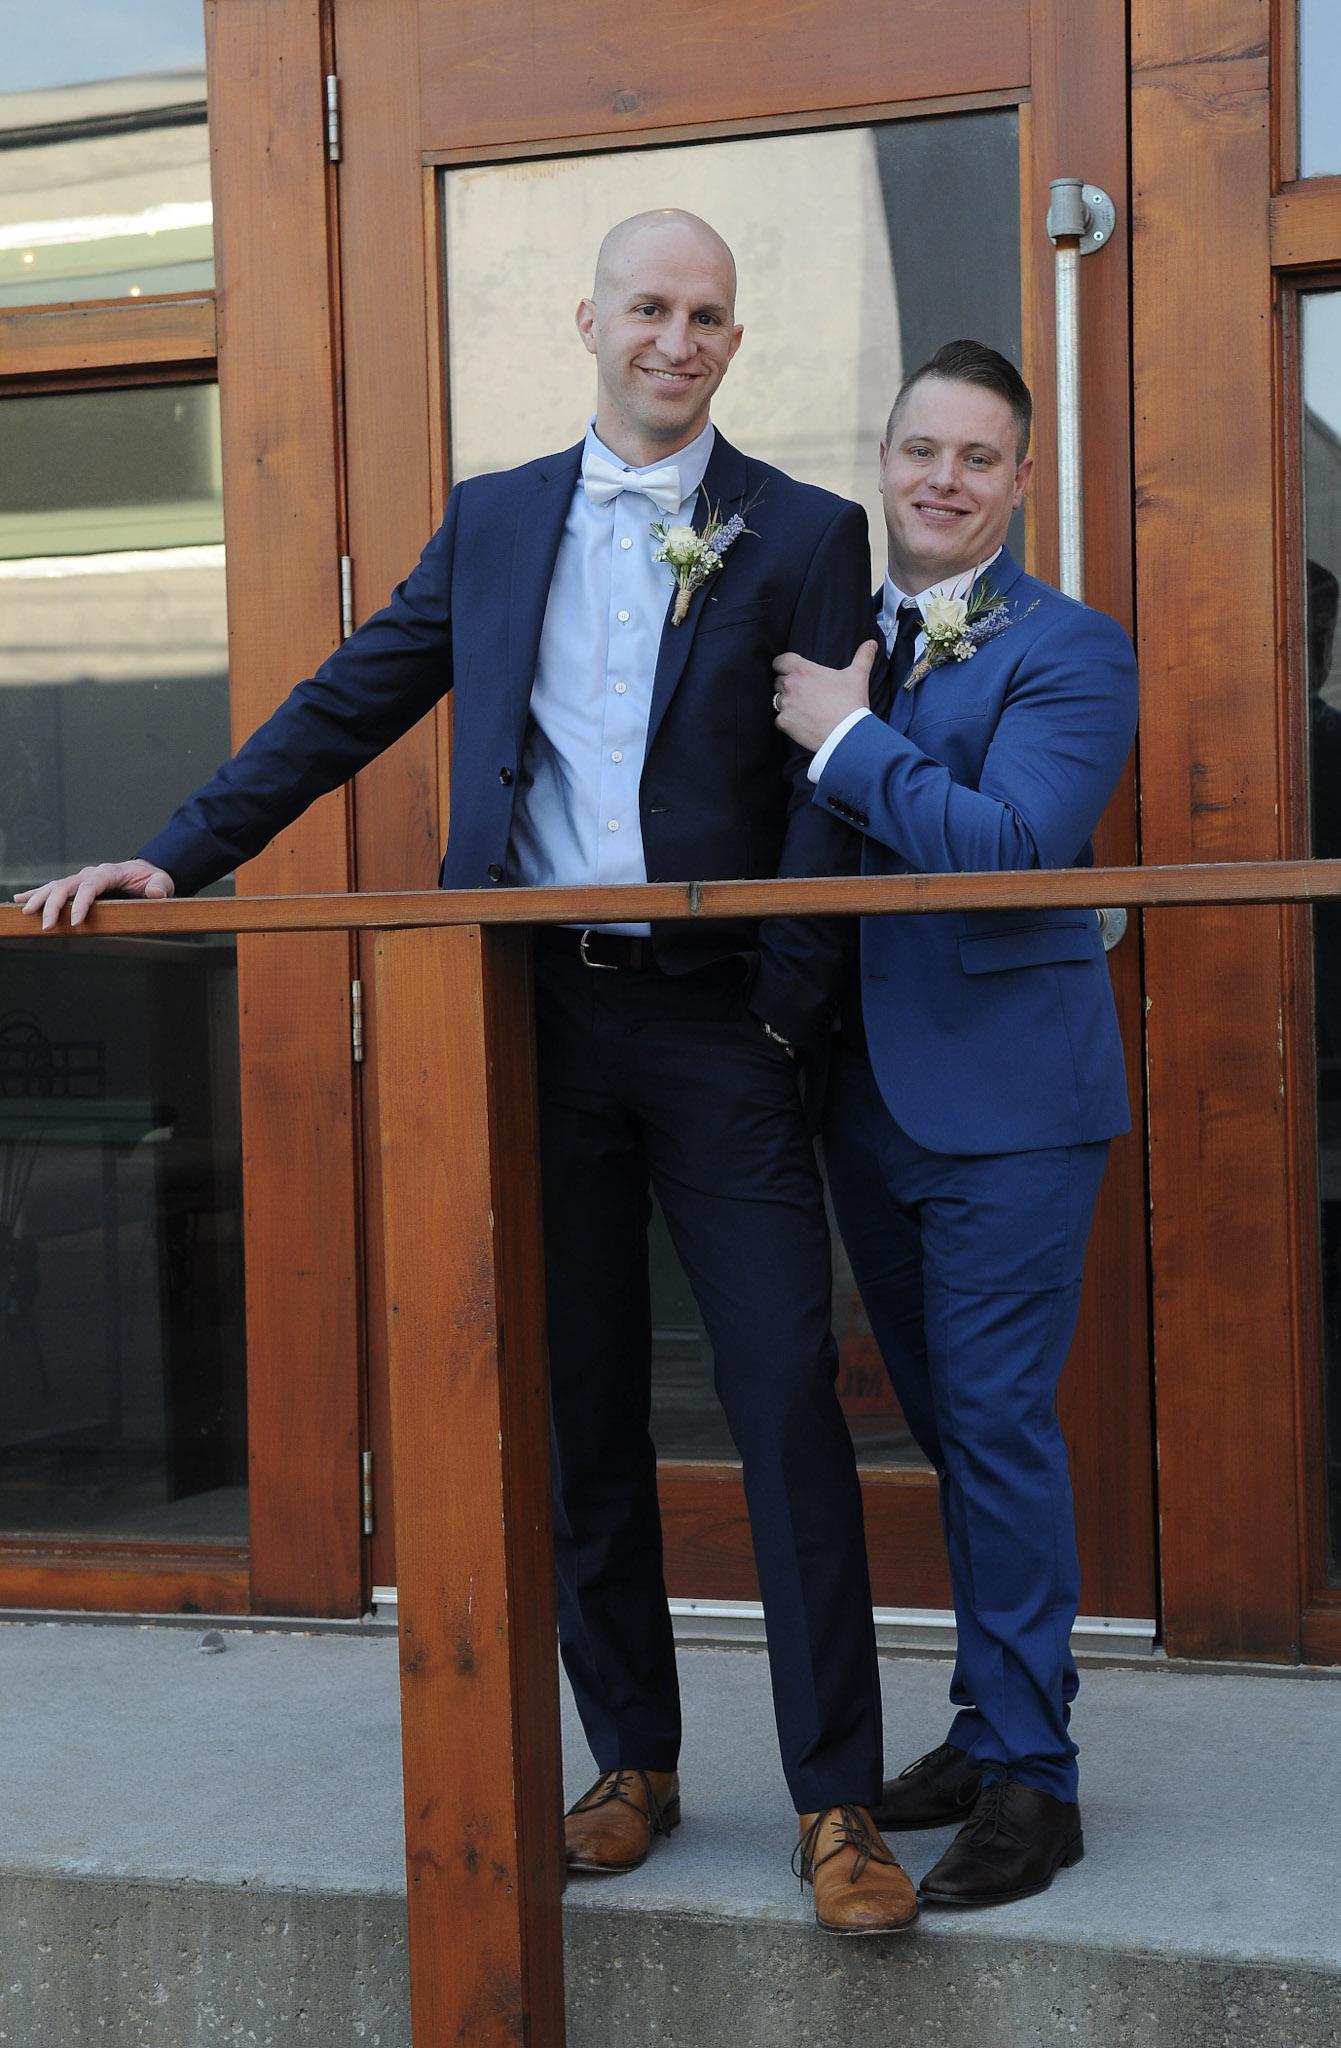 Kansas_City_Small_Intimate_Budget_Wedding_Venue_IMG_7529.jpg